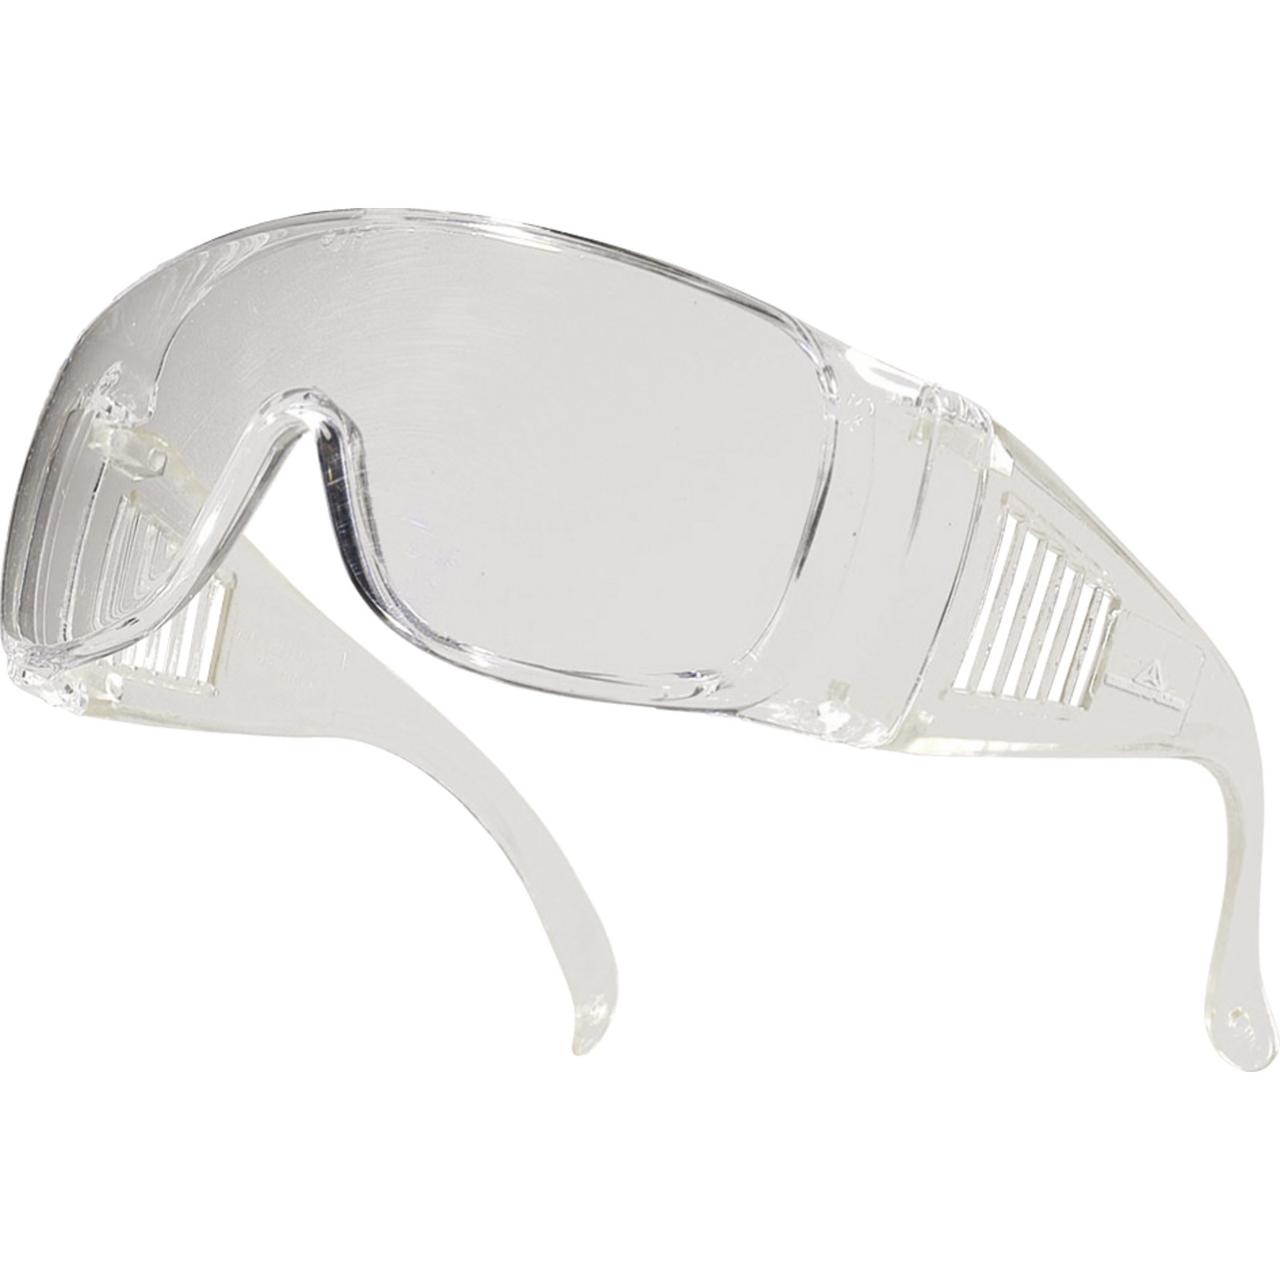 Окуляри відкриті PITON CLEAR DELTA PLUS